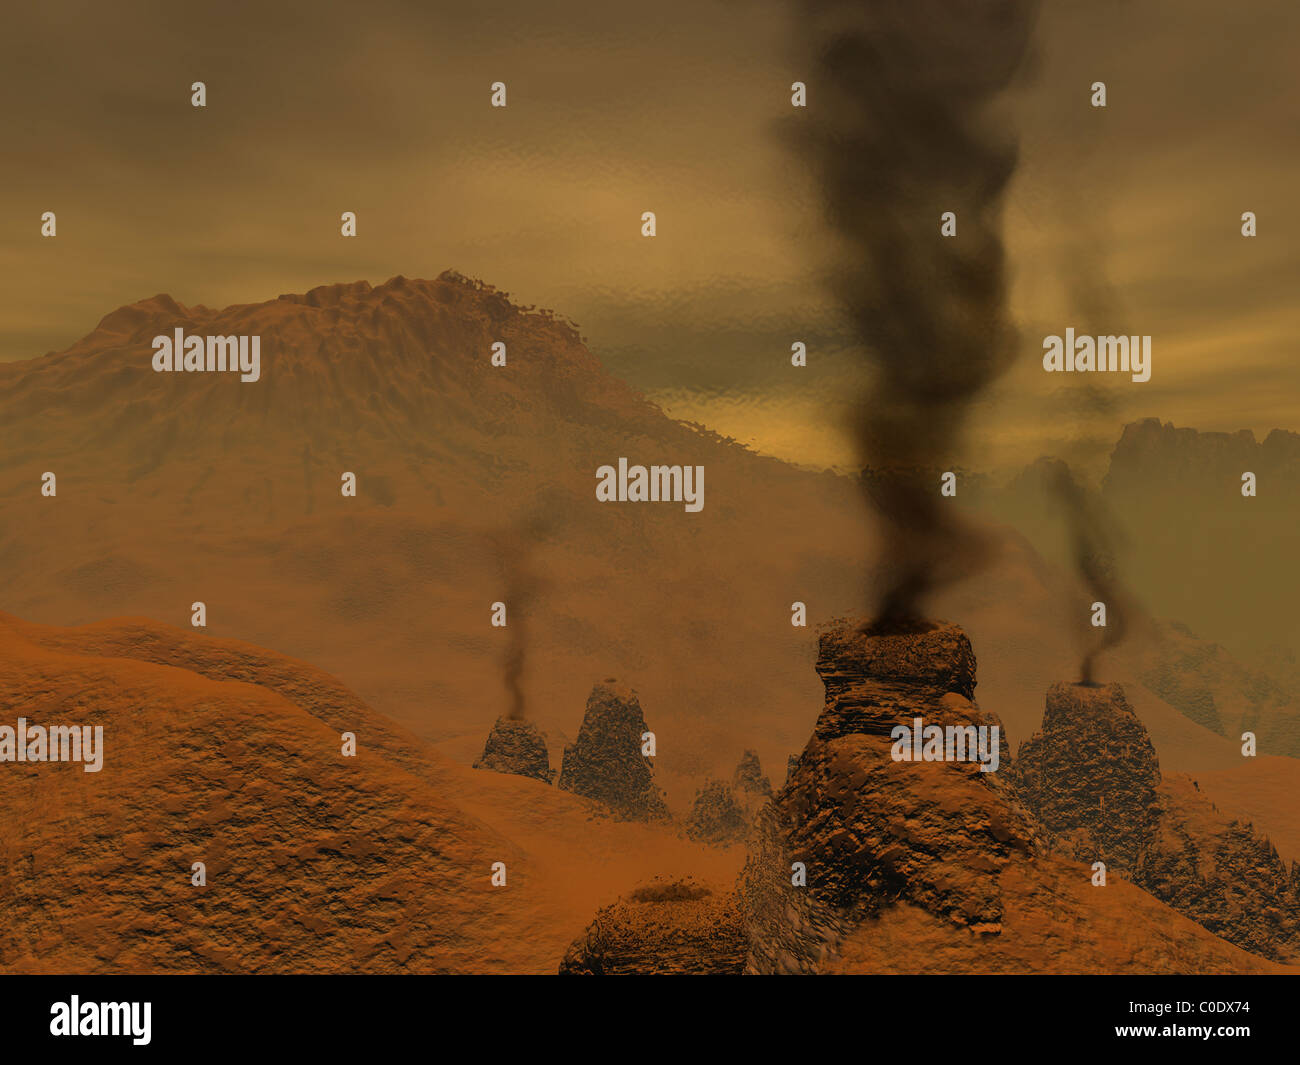 Künstlers Konzept der vulkanischen Aktivität auf der Oberfläche der Venus. Stockbild